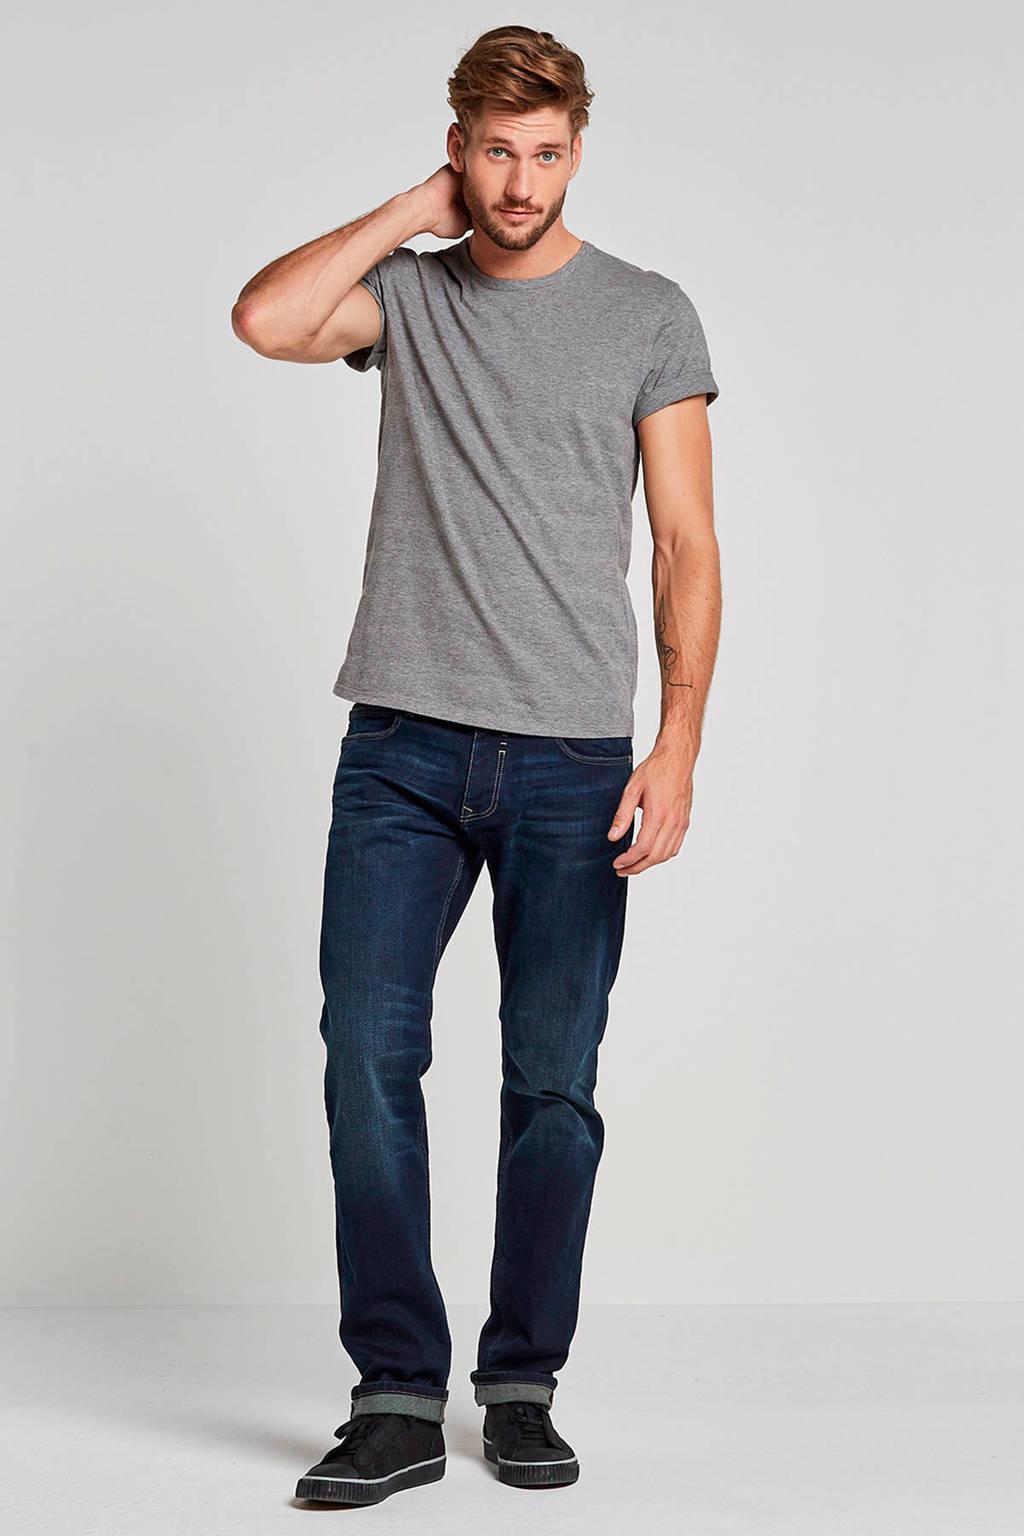 ESPRIT Men Casual straight fit jeans 901 blue, 901 BLUE